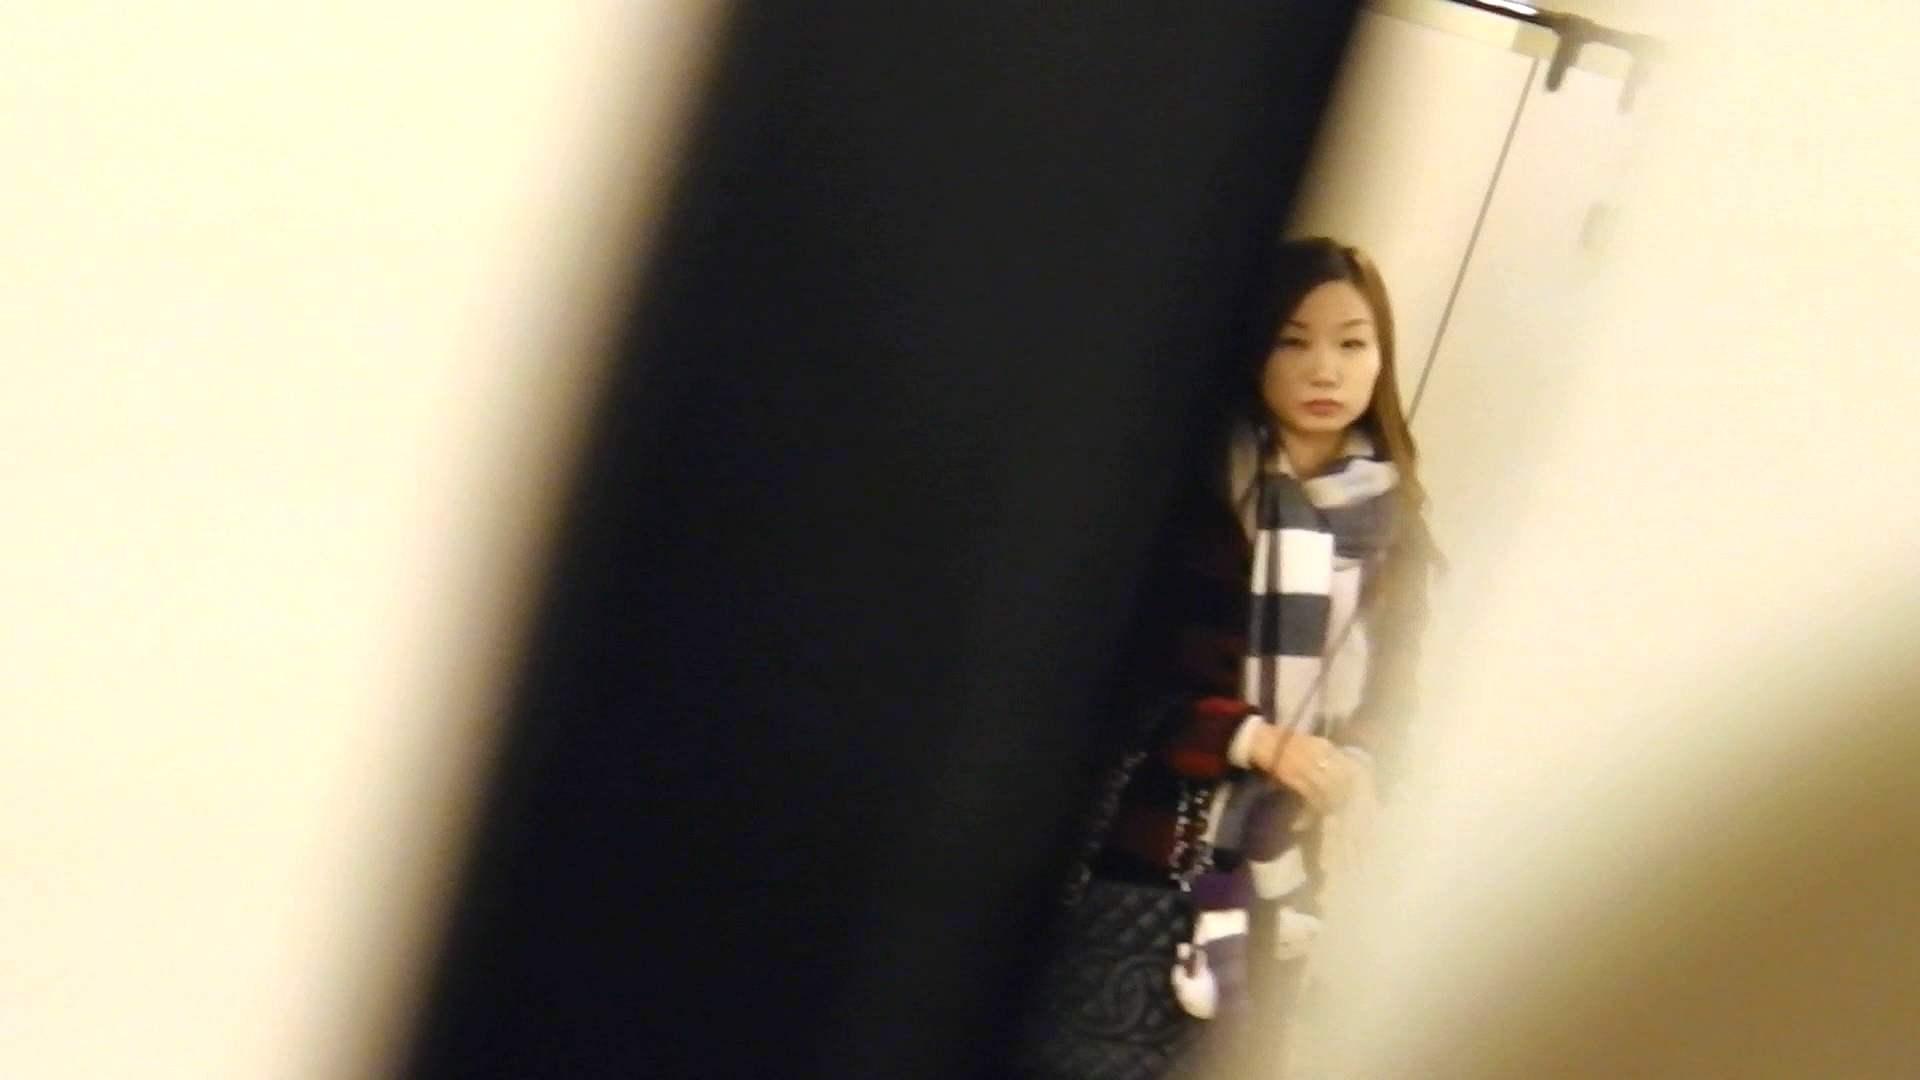 世界の射窓から vol.1 洗面所のぞき オマンコ動画キャプチャ 89枚 47